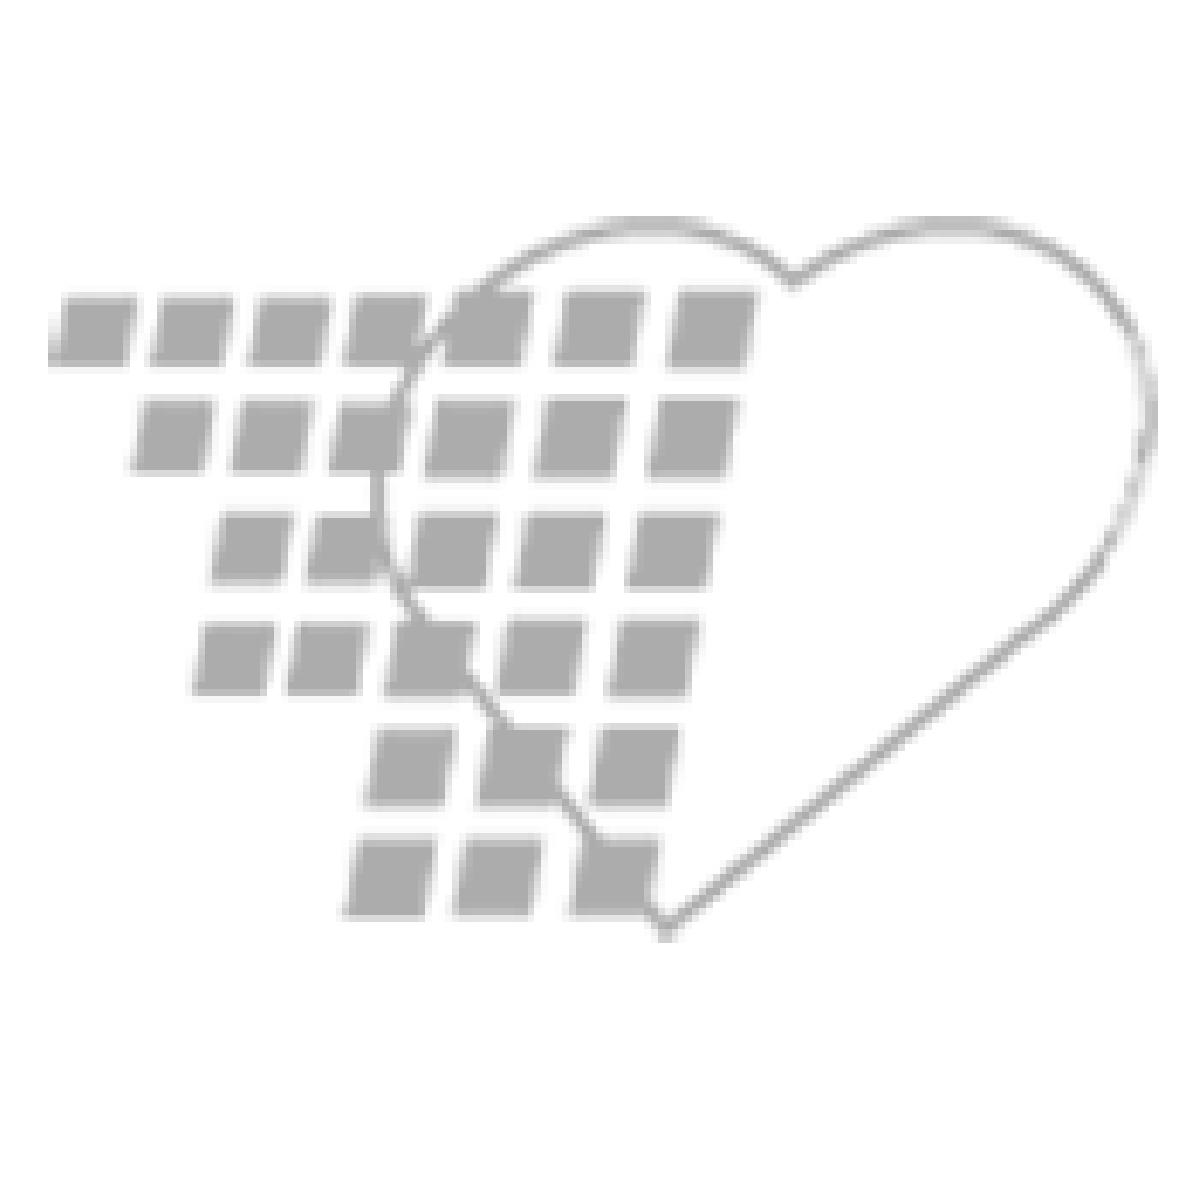 06-93-0301 - Demo Dose® Long Term Digoxn 0.25 mg Medication Pack